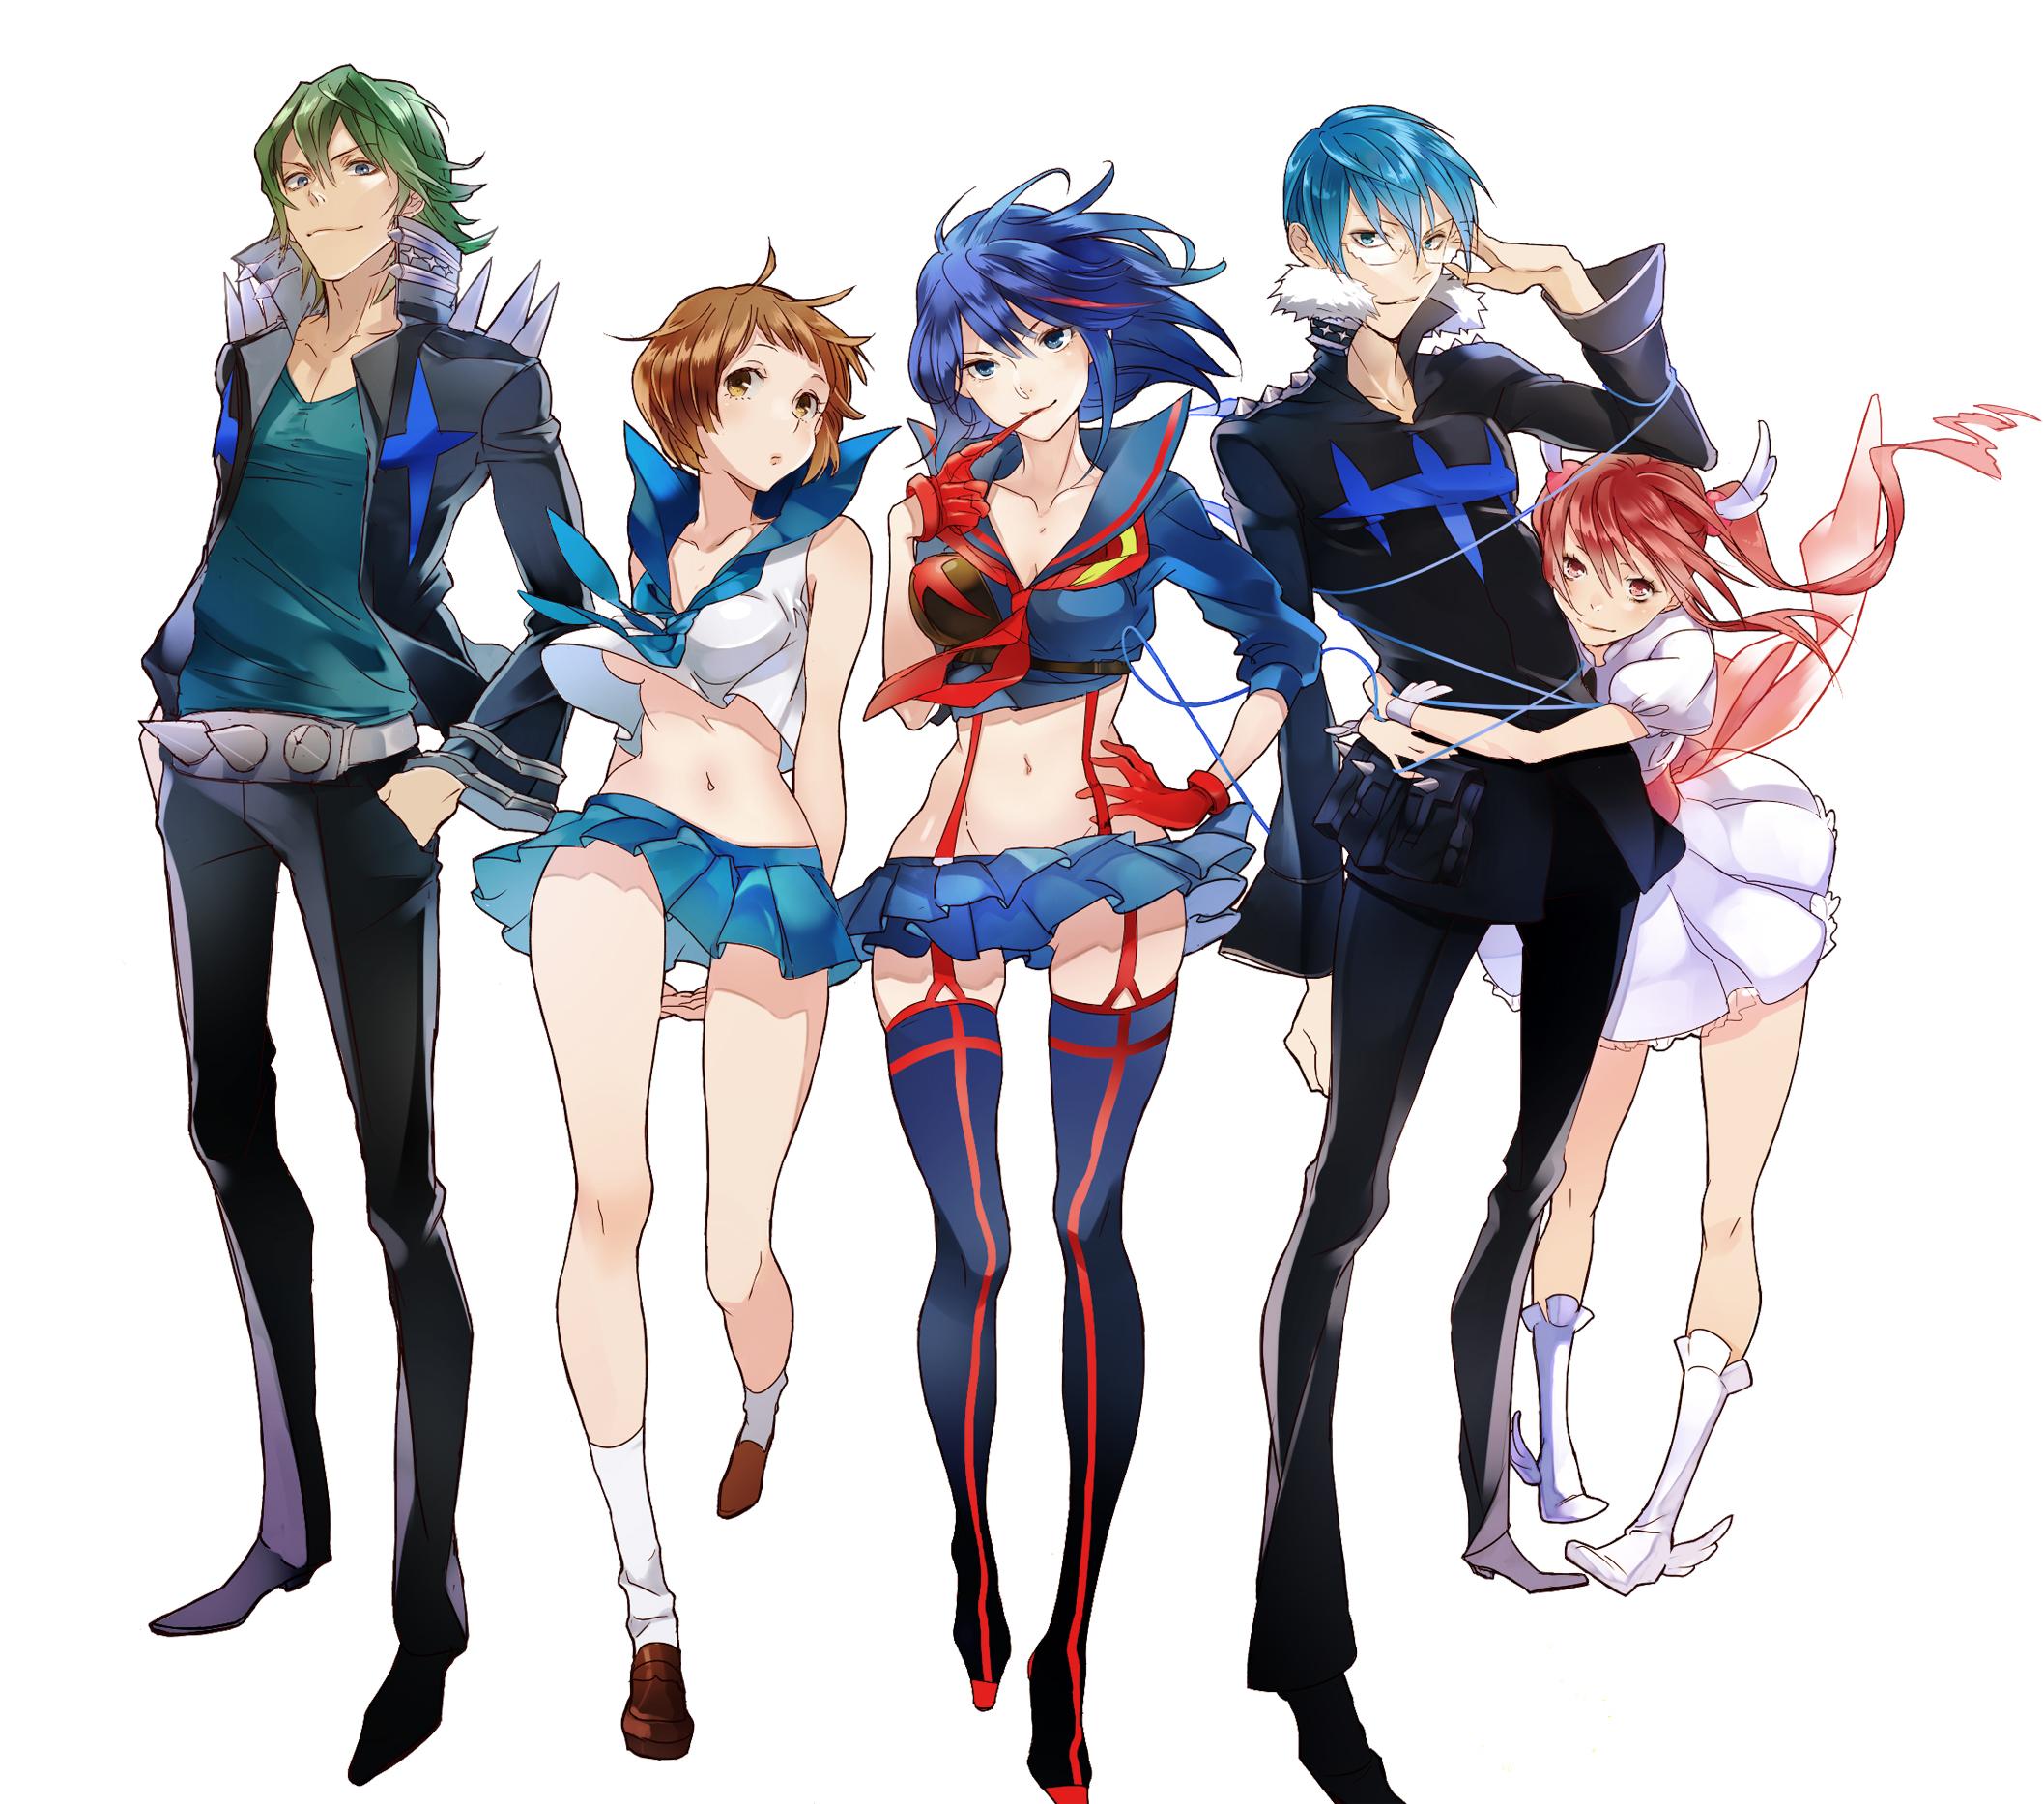 anime_wallpaper_Kill_la_kill_30063-39656773.jpg